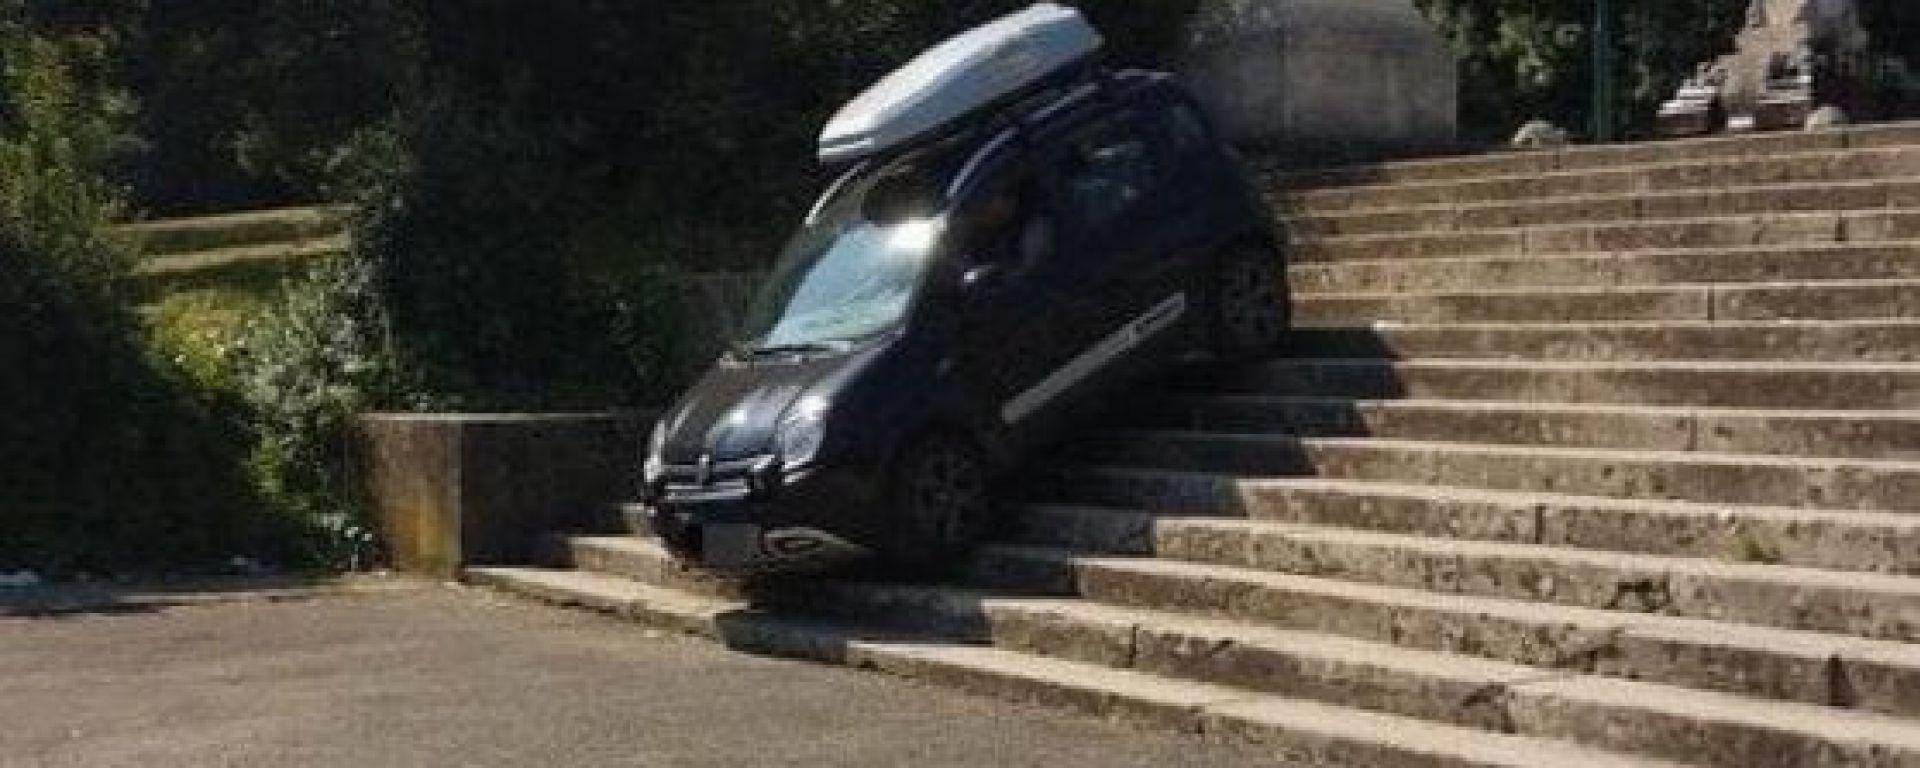 Fiat Panda 4x4 a Villa Borghese